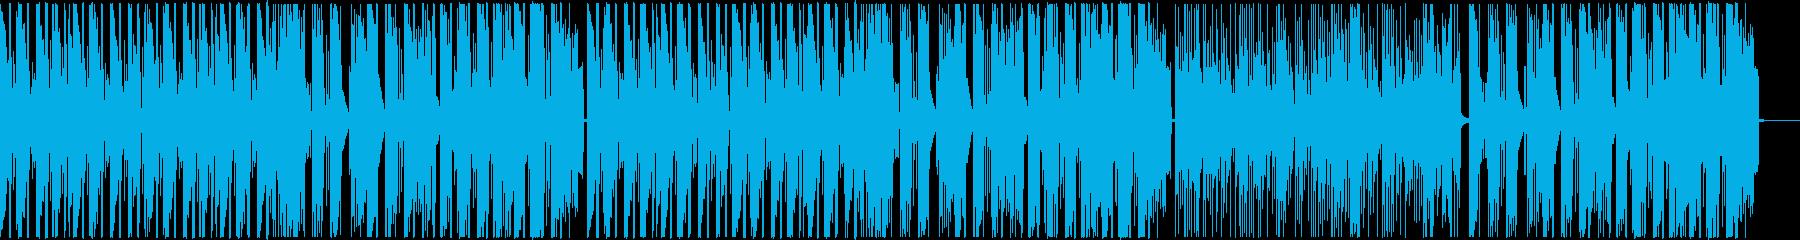 ポップで明るいフューチャーベース/声抜きの再生済みの波形